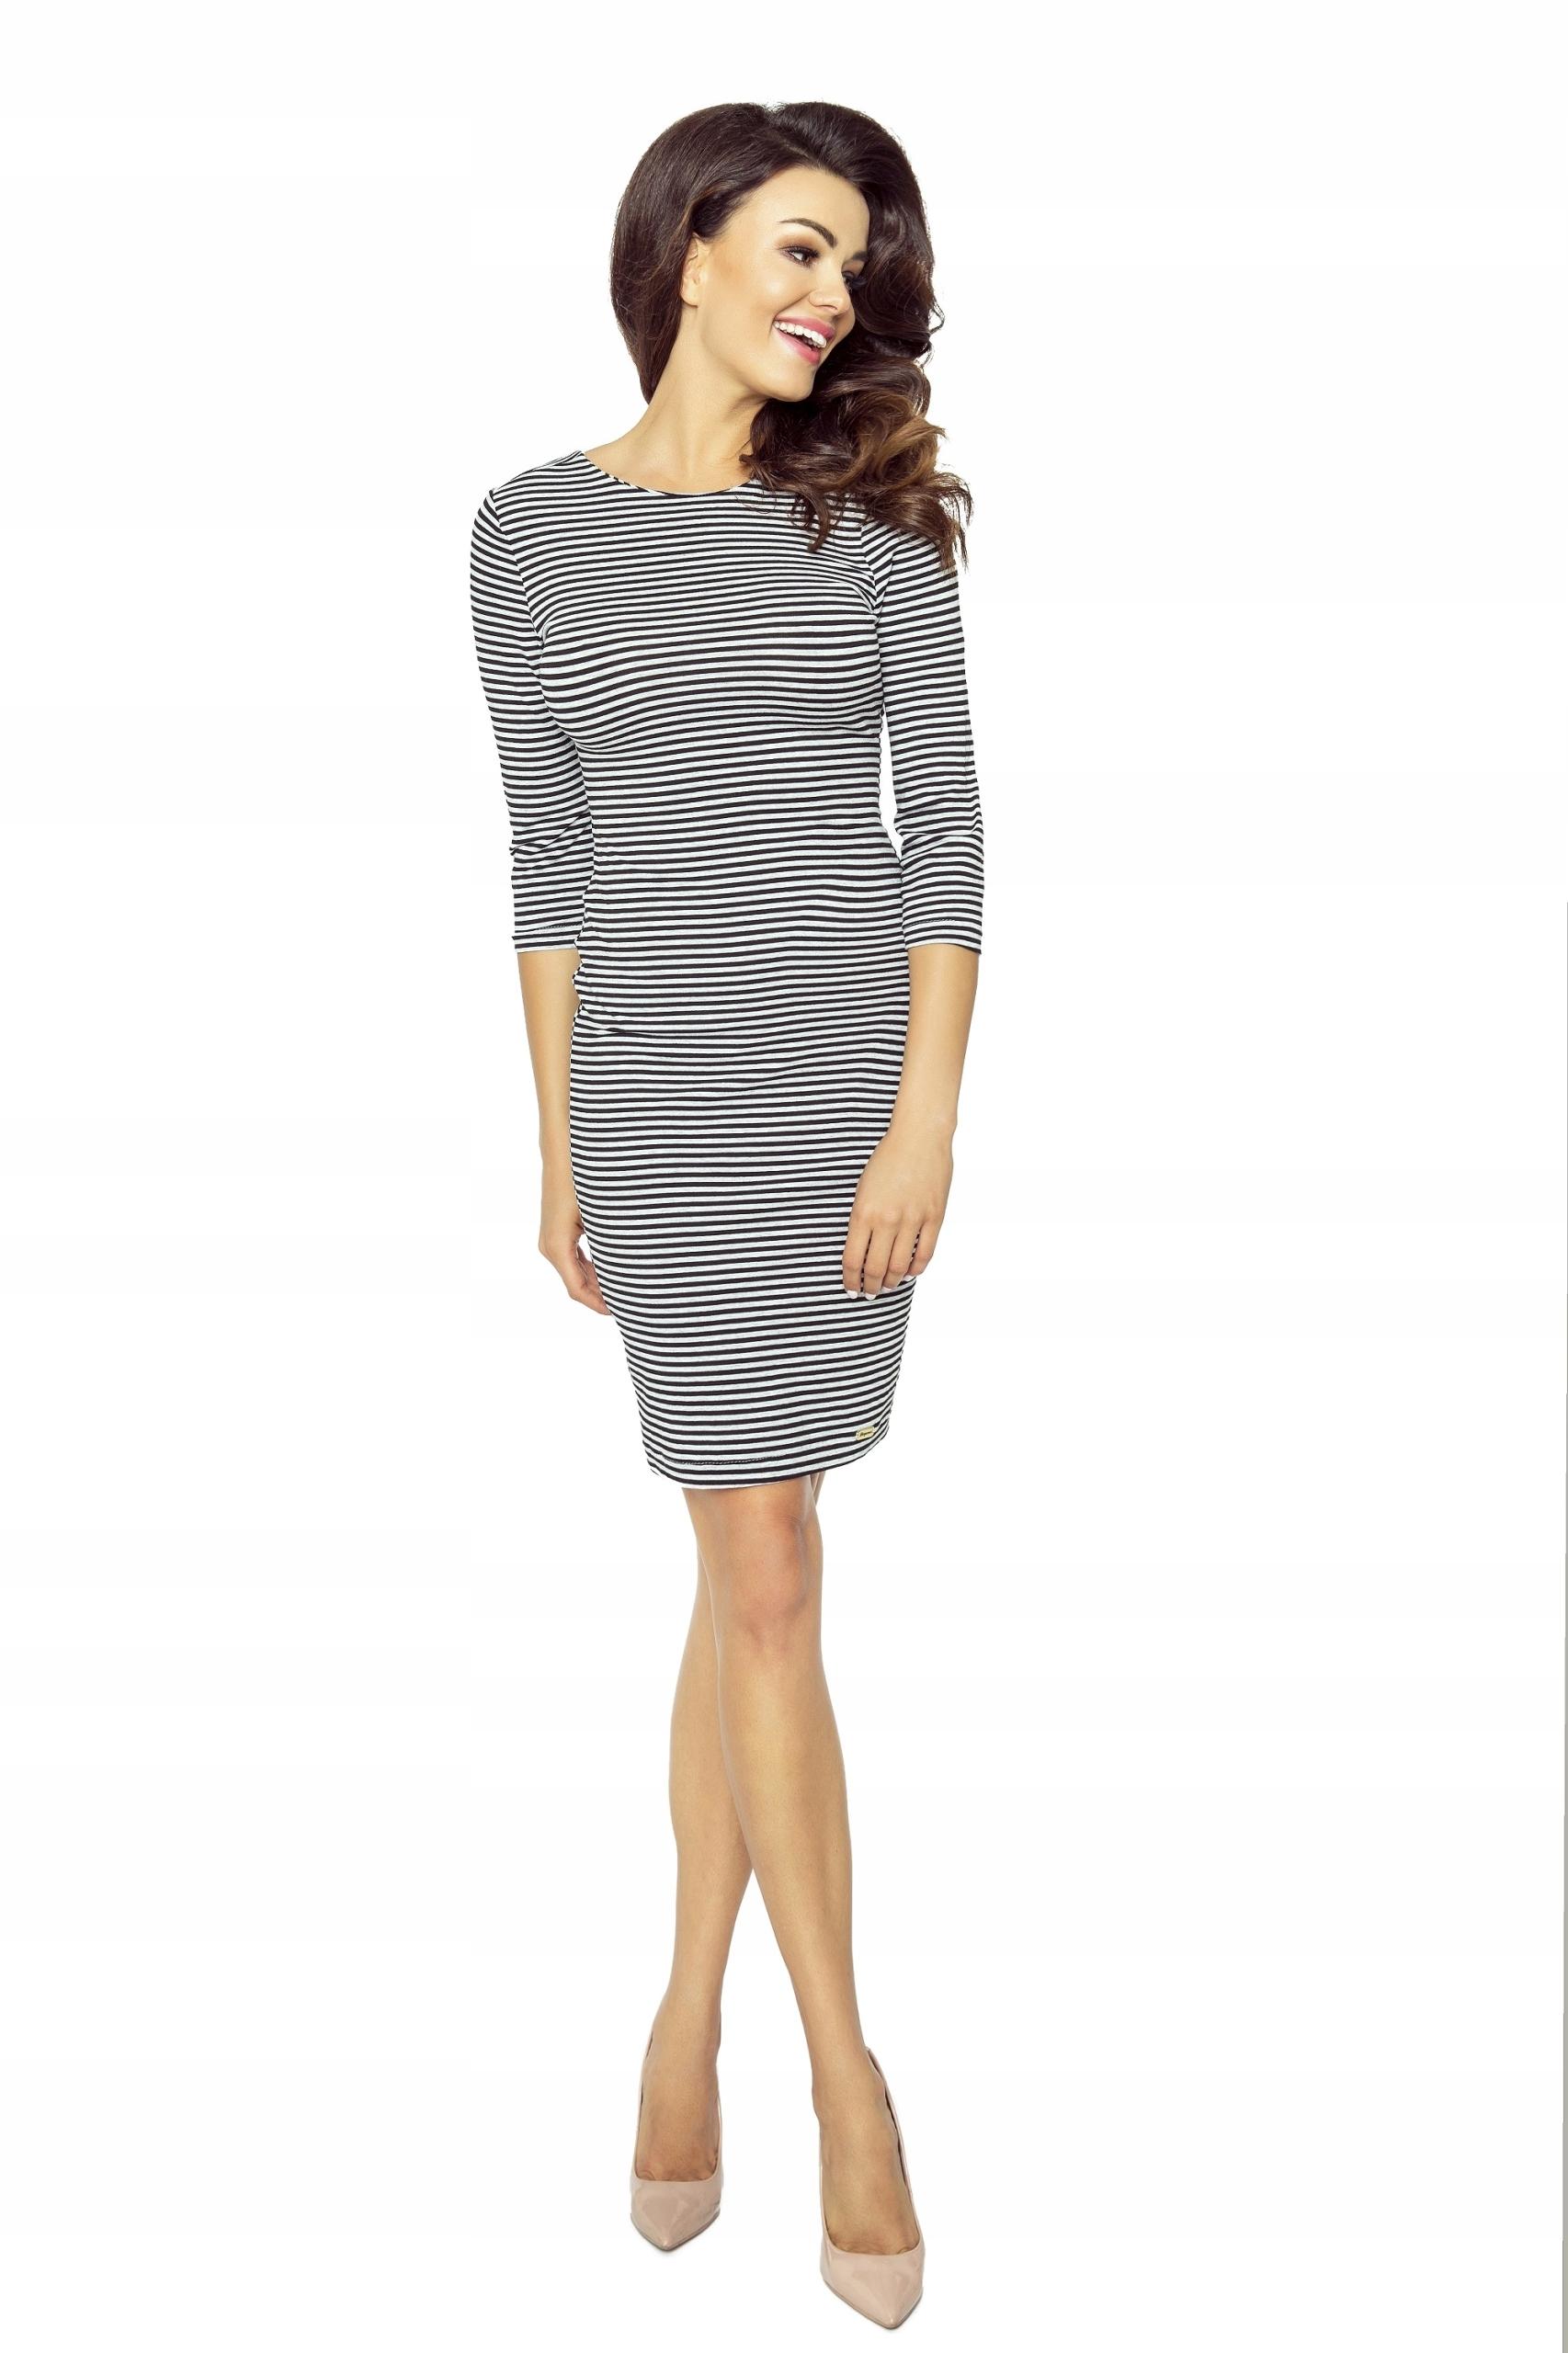 6e26c0b1d6 Ołówkowa sukienka w cienkie czarno-białe paski S - 7714776109 ...